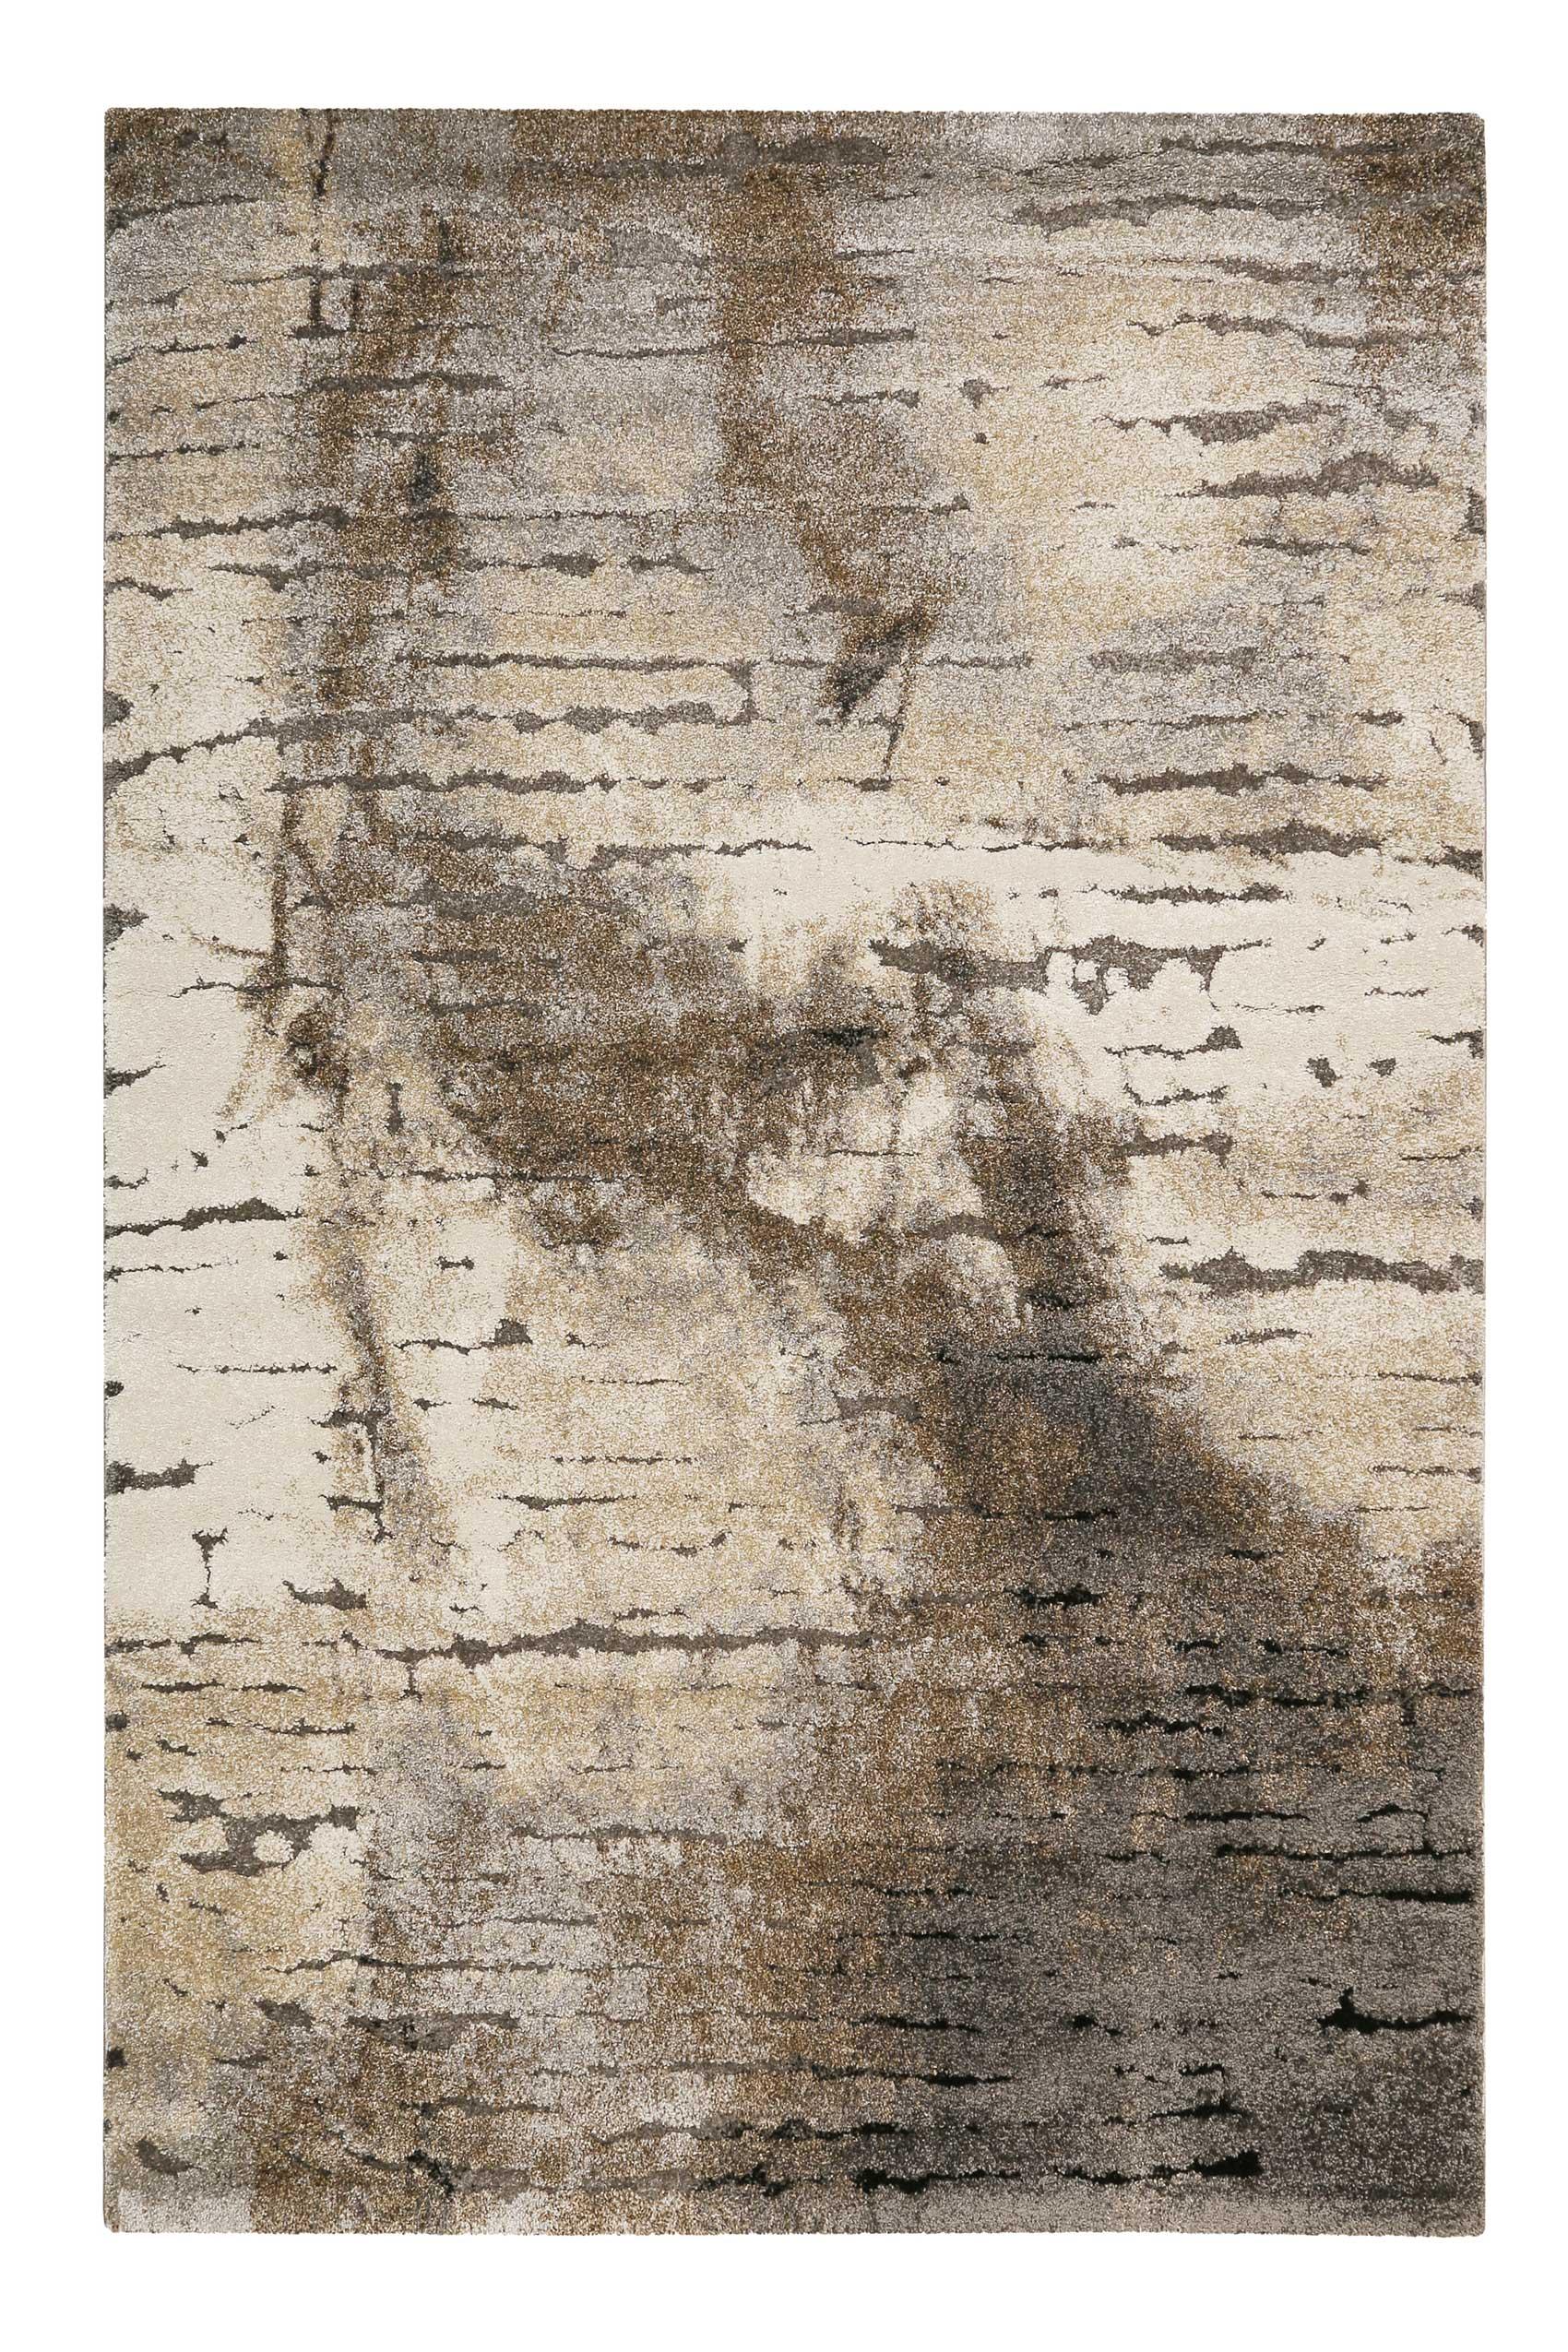 Tapis motif effet mur béton pour salon, chambre gris/brun 225x160